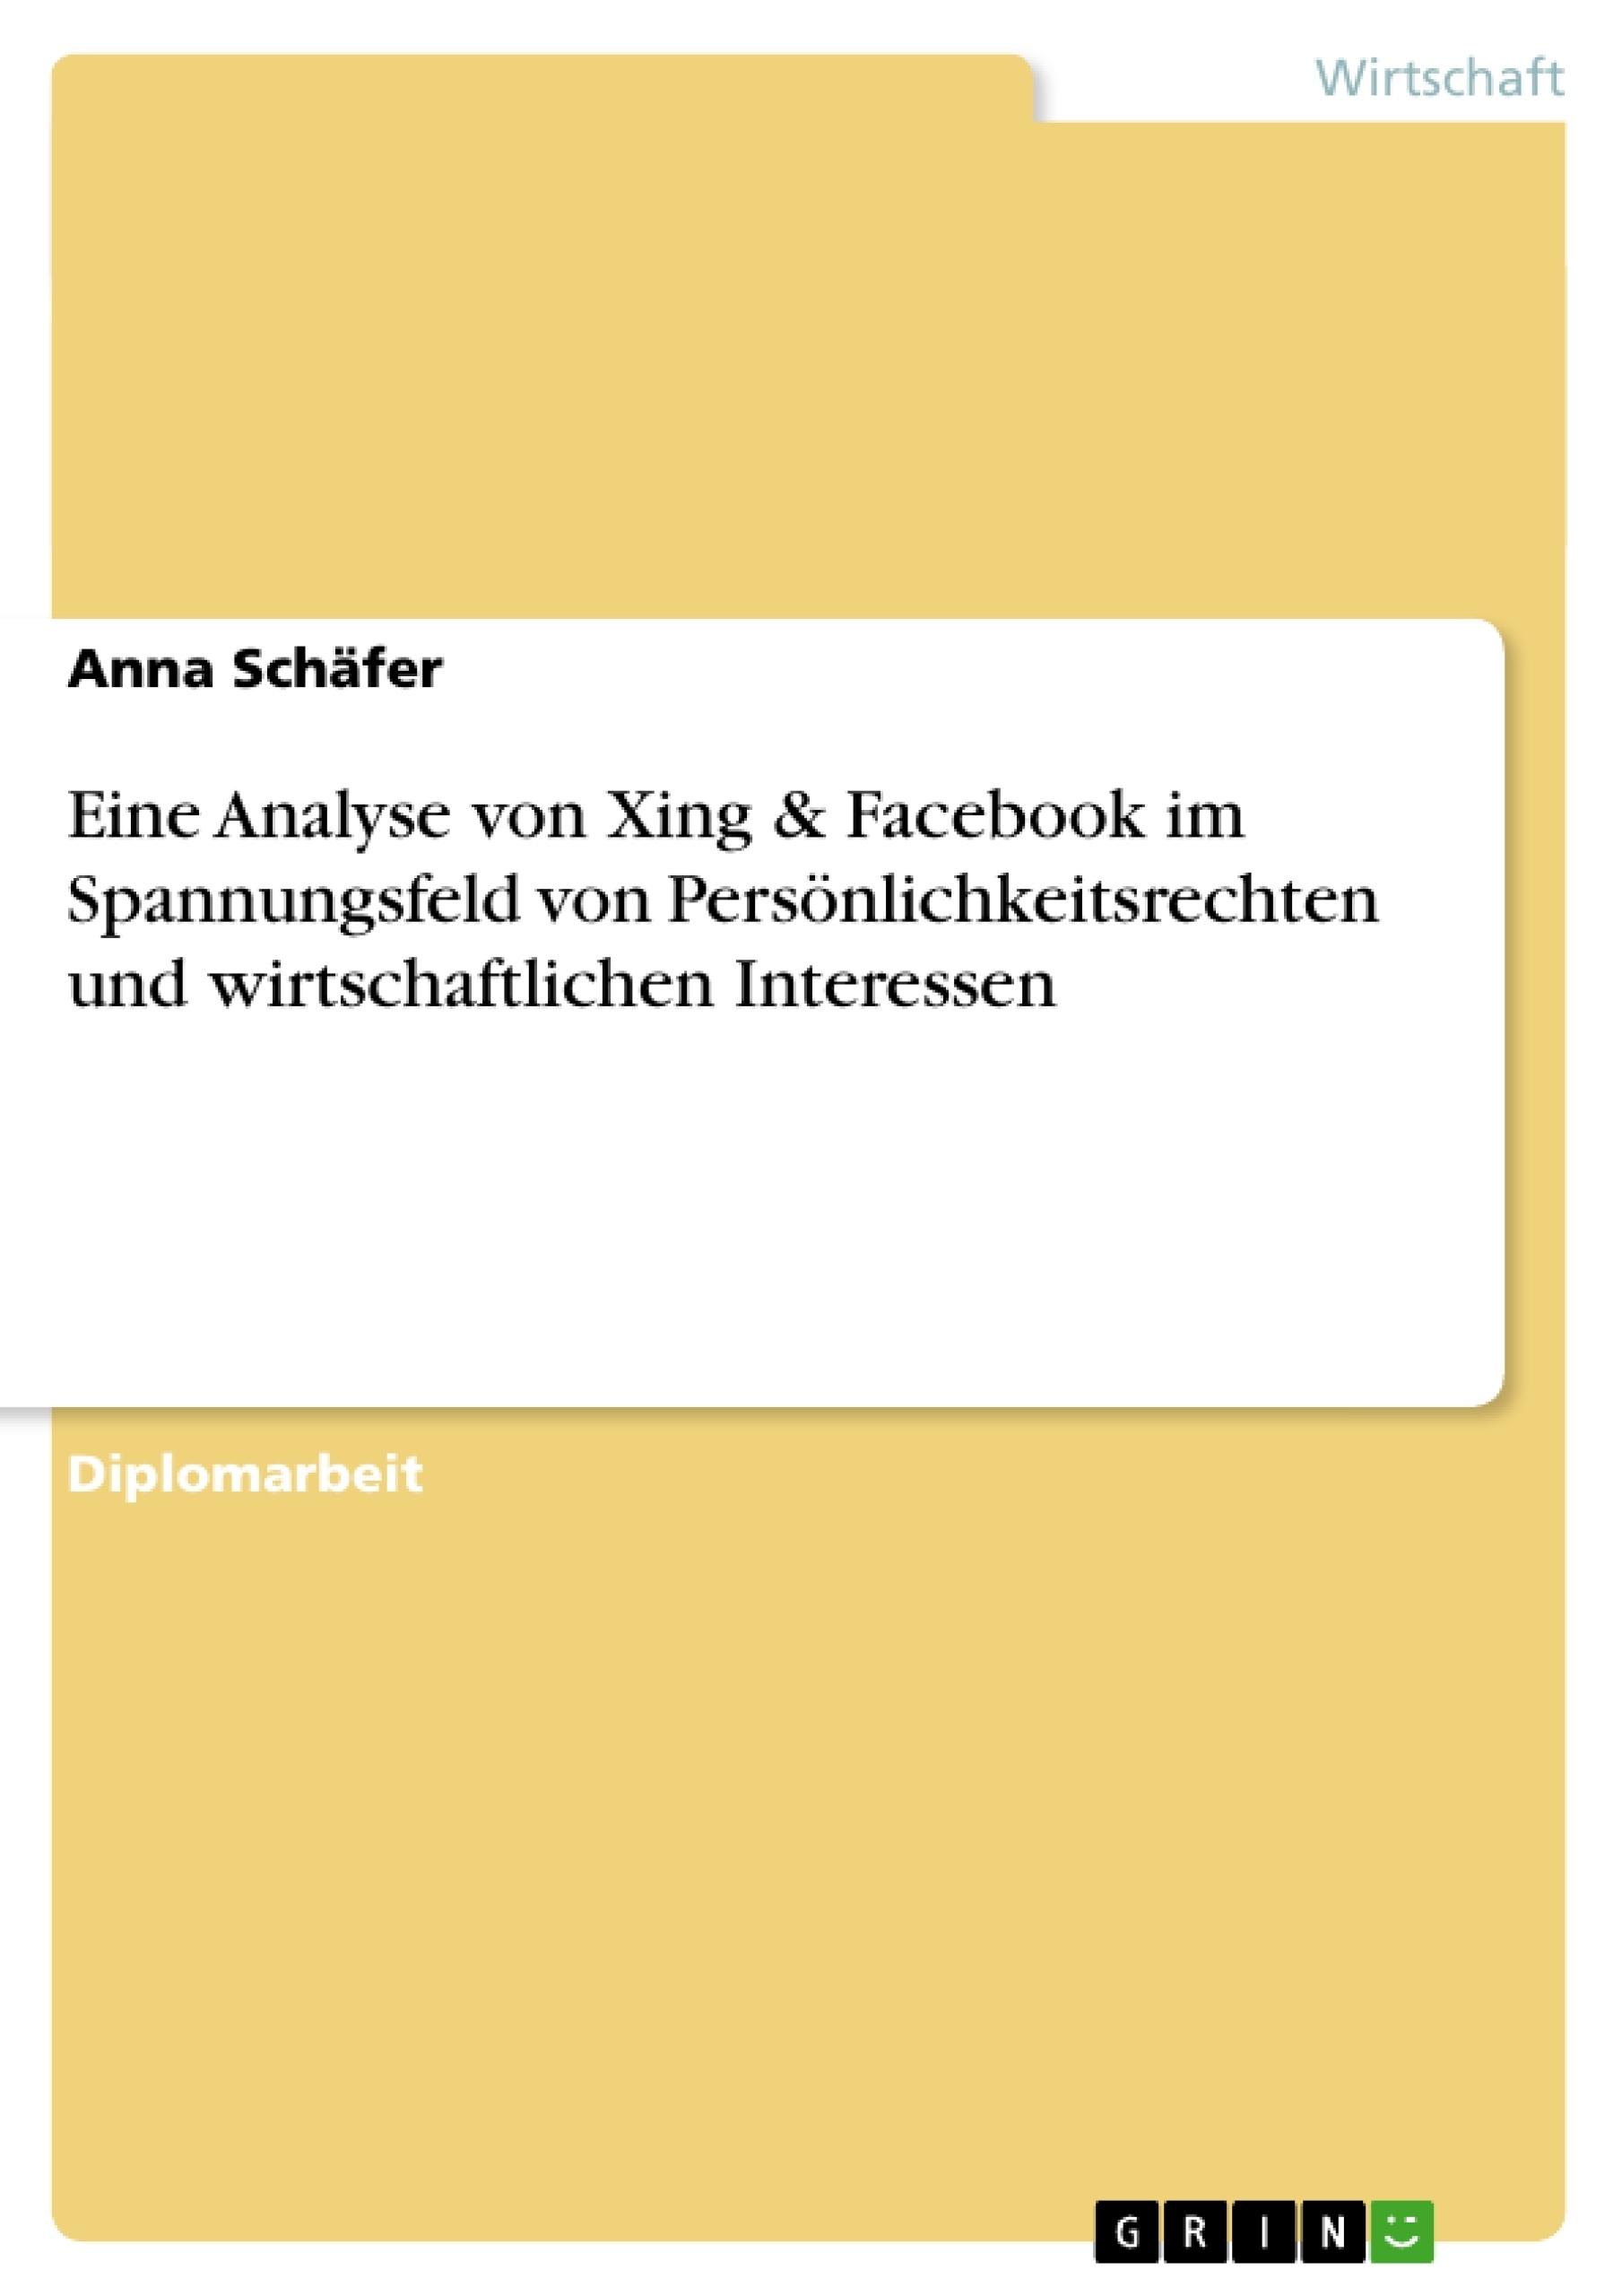 Titel: Eine Analyse von Xing & Facebook im Spannungsfeld von Persönlichkeitsrechten und wirtschaftlichen Interessen